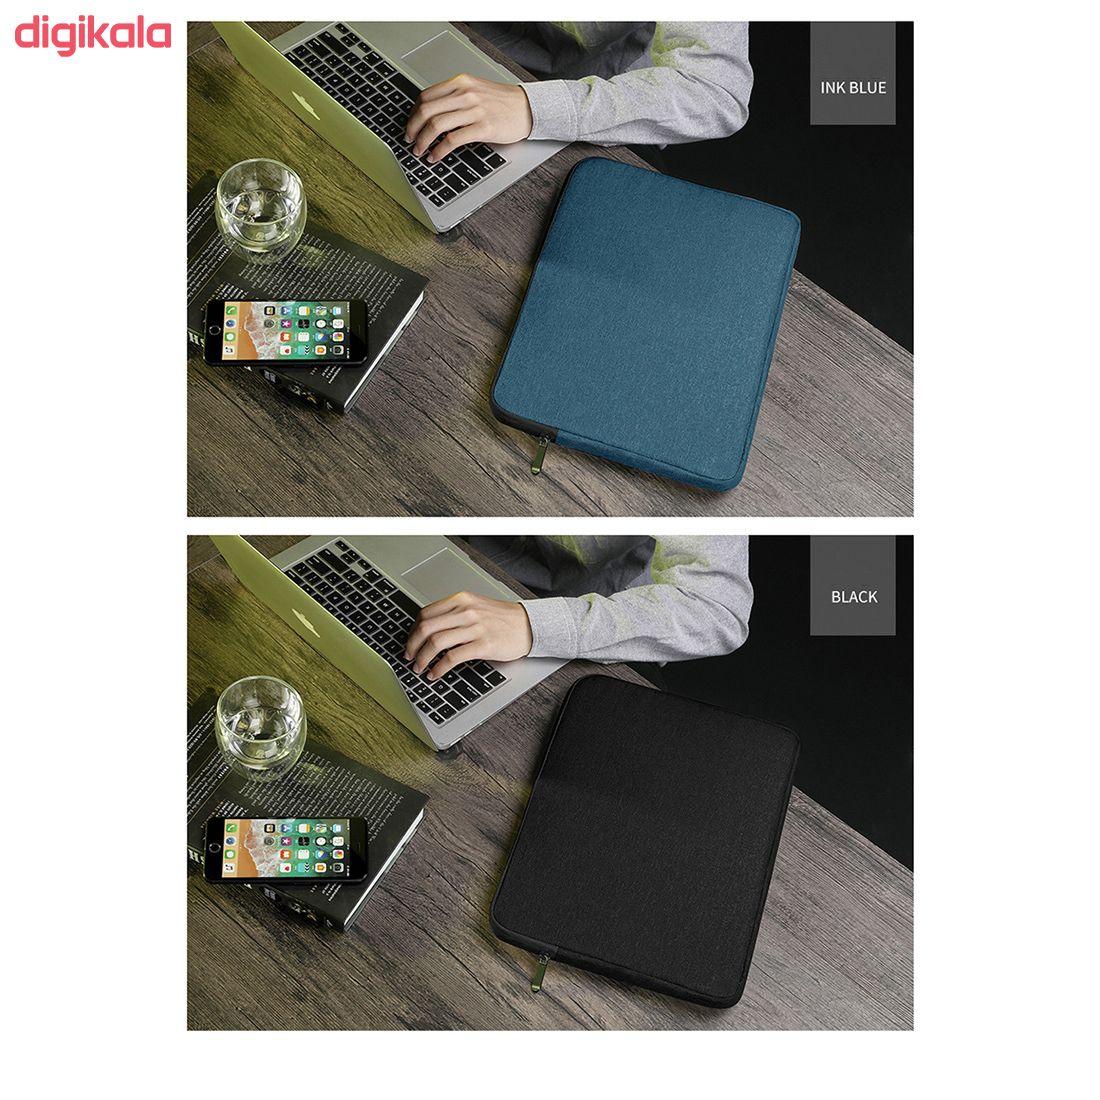 کاور لپ تاپ مدل BUBM01 مناسب برای لپ تاپ 13 اینچی main 1 12